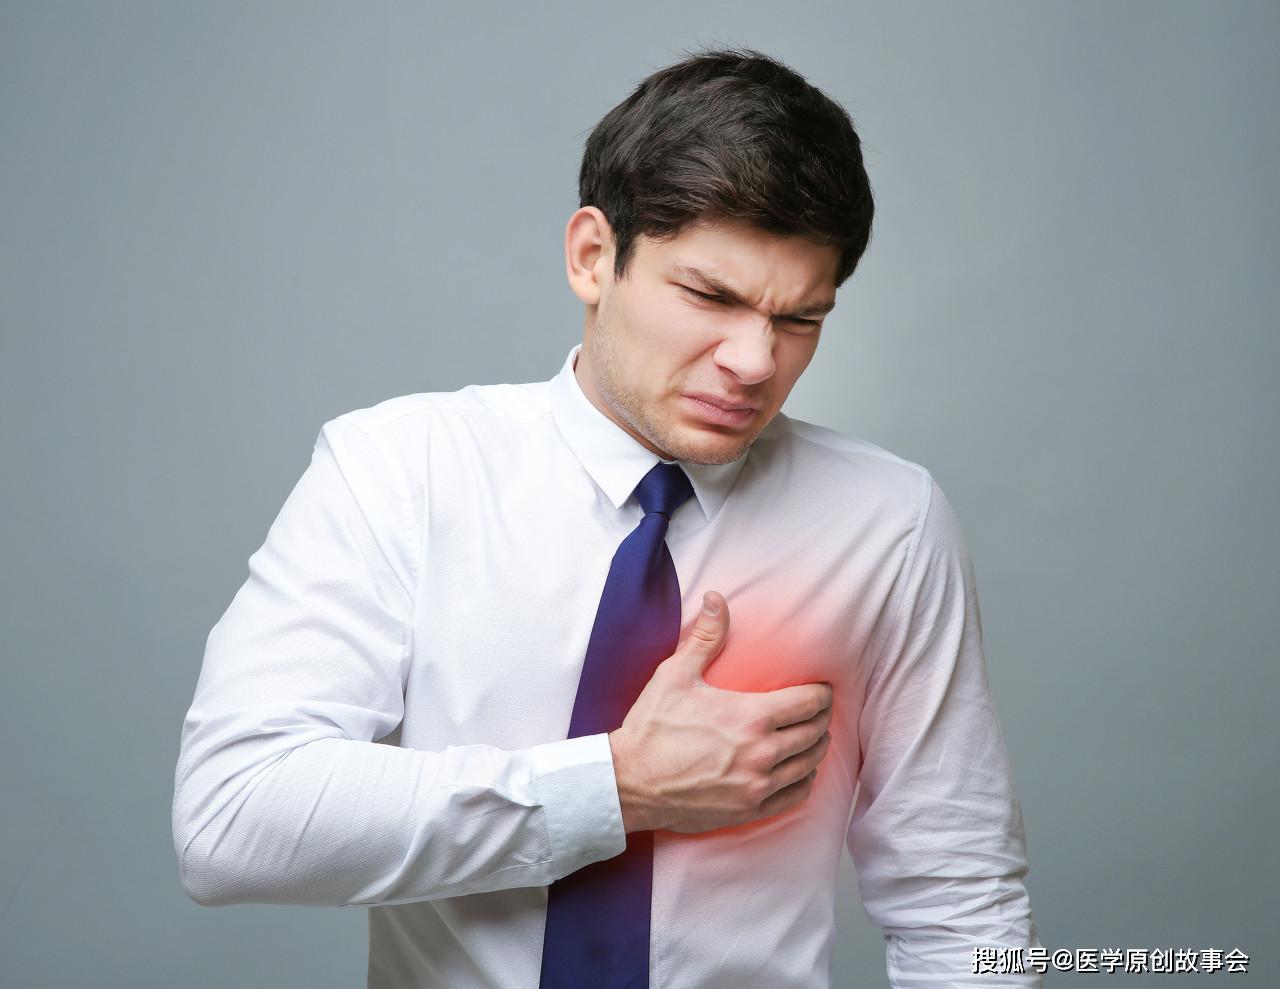 肺癌不是突然到来,一次胸部CT就能发现的检查,你却一拖再拖